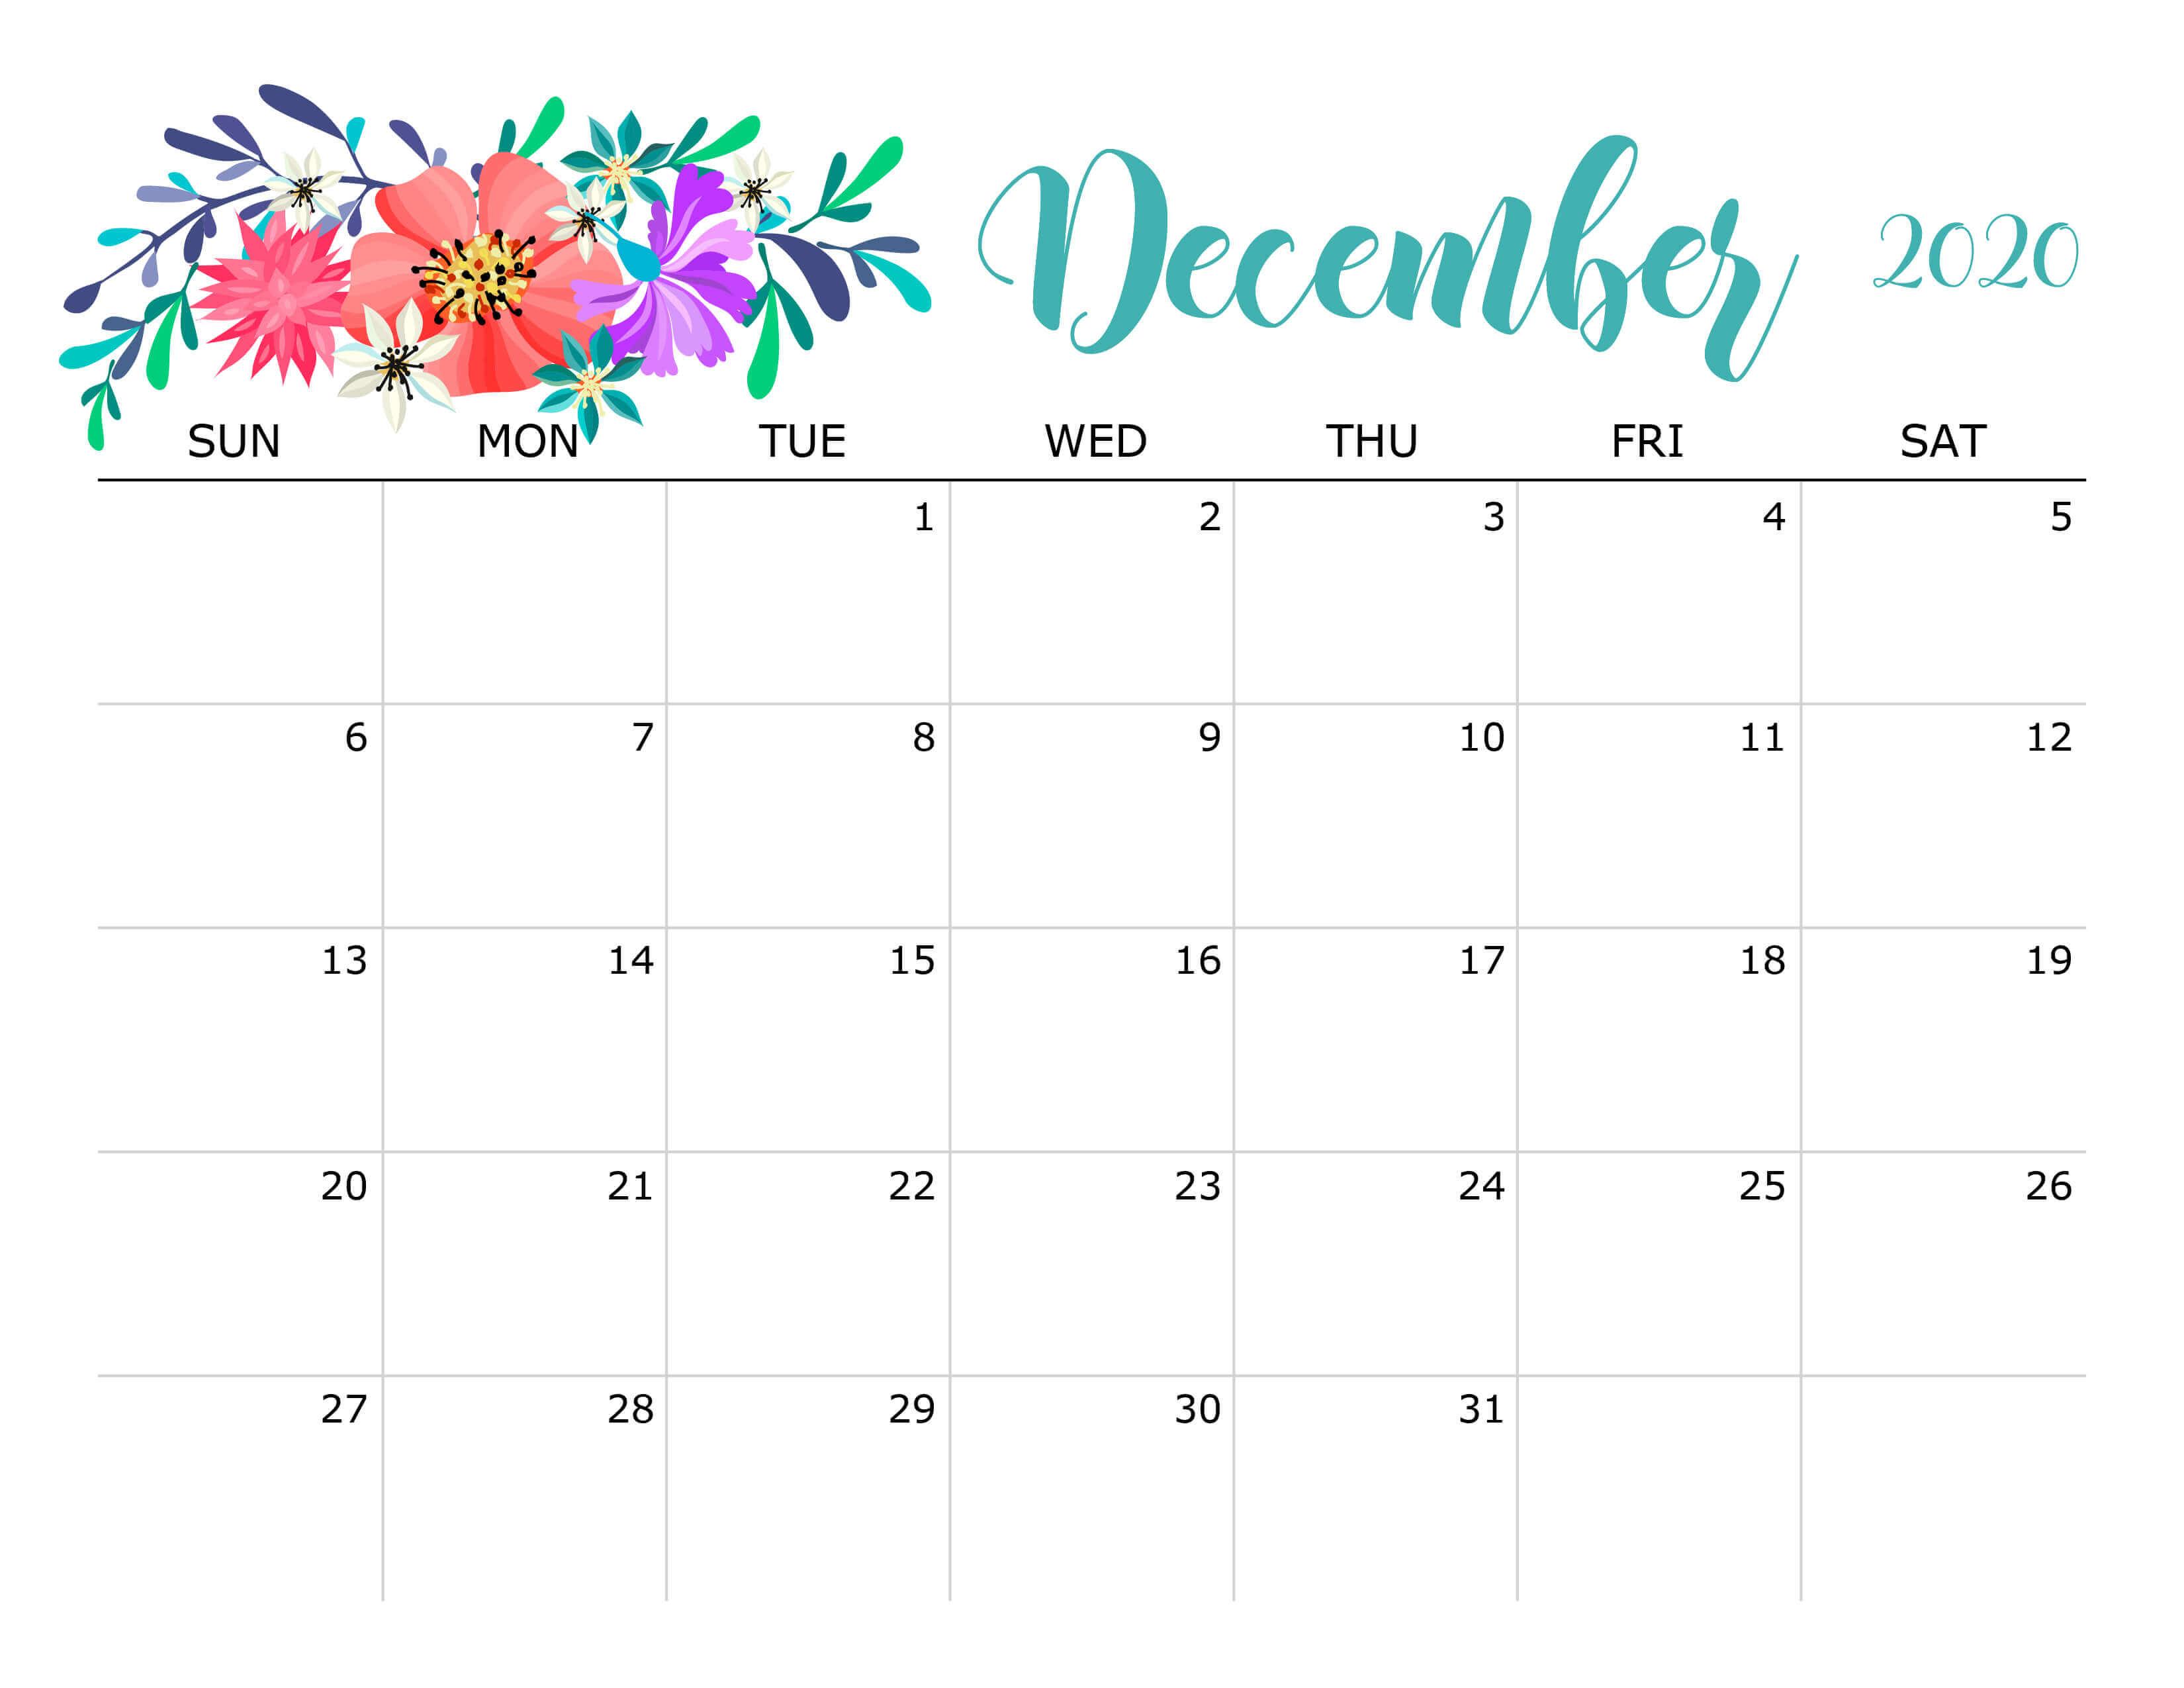 Floral December 2020 Calendar Planner